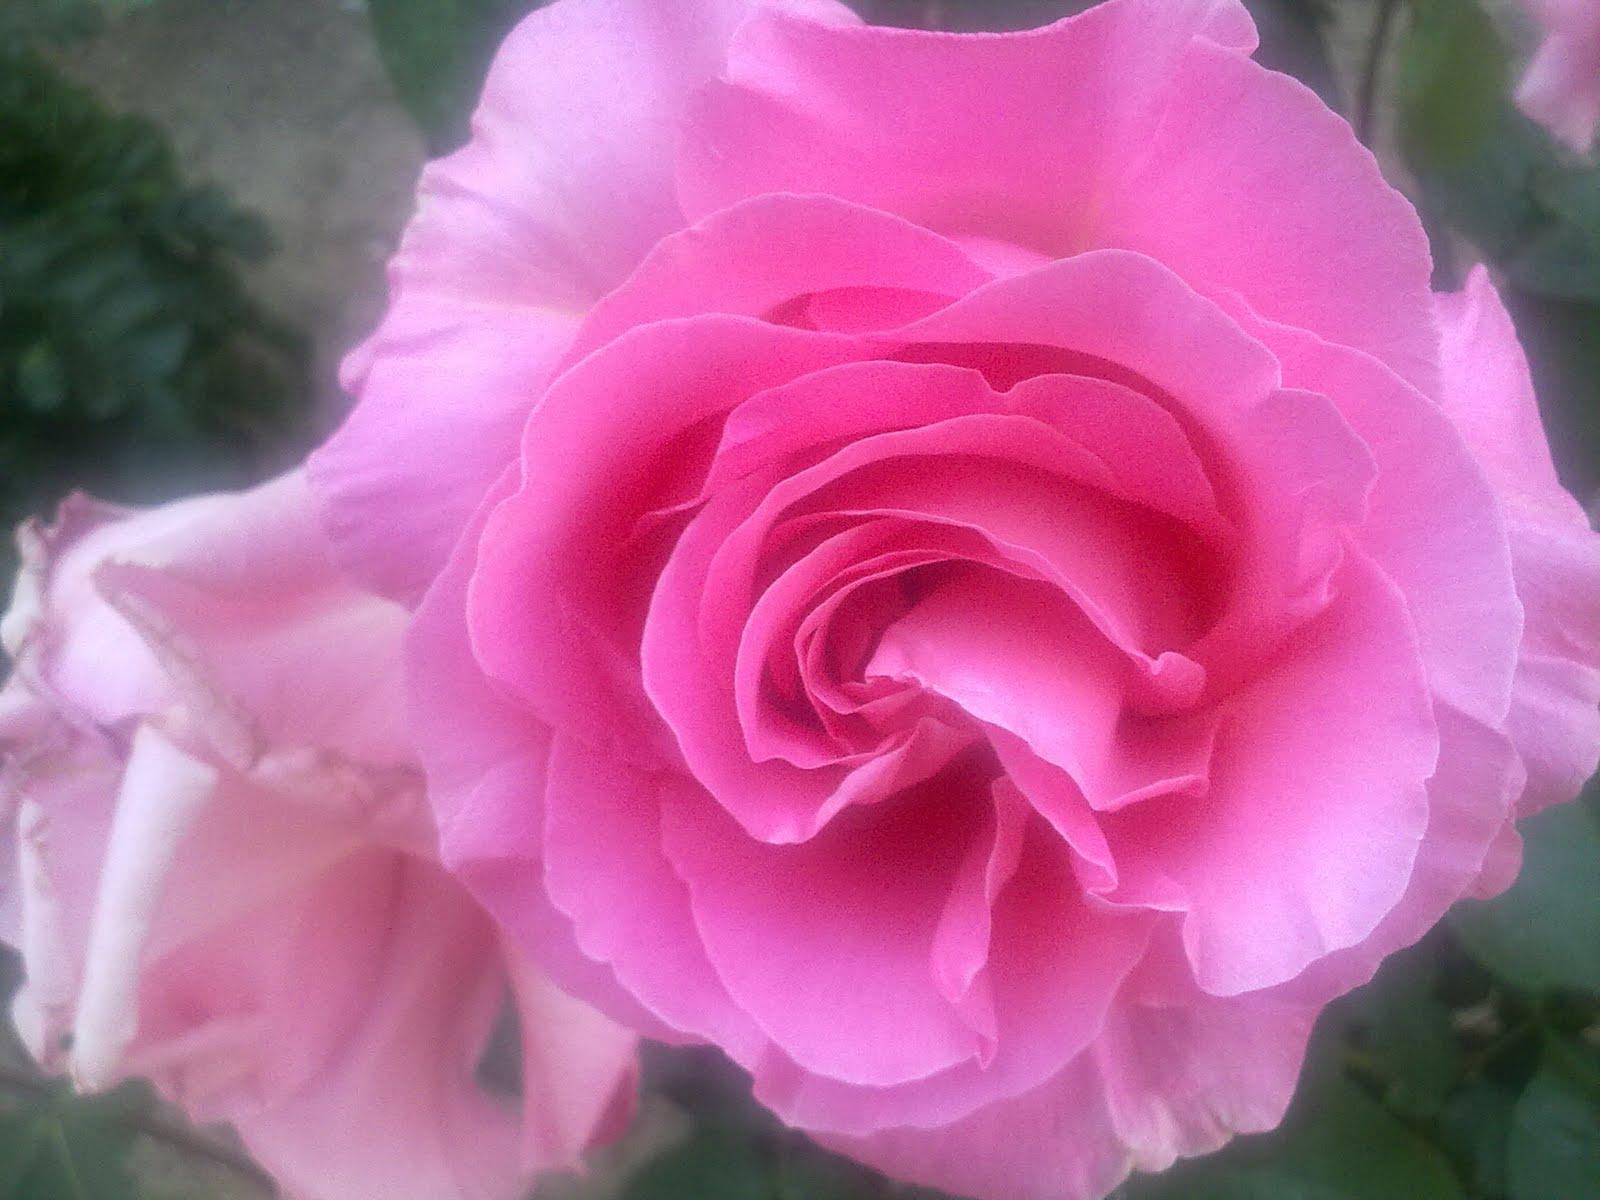 El buen comer flores bonitas rosas - Rosas rosas hermosas ...